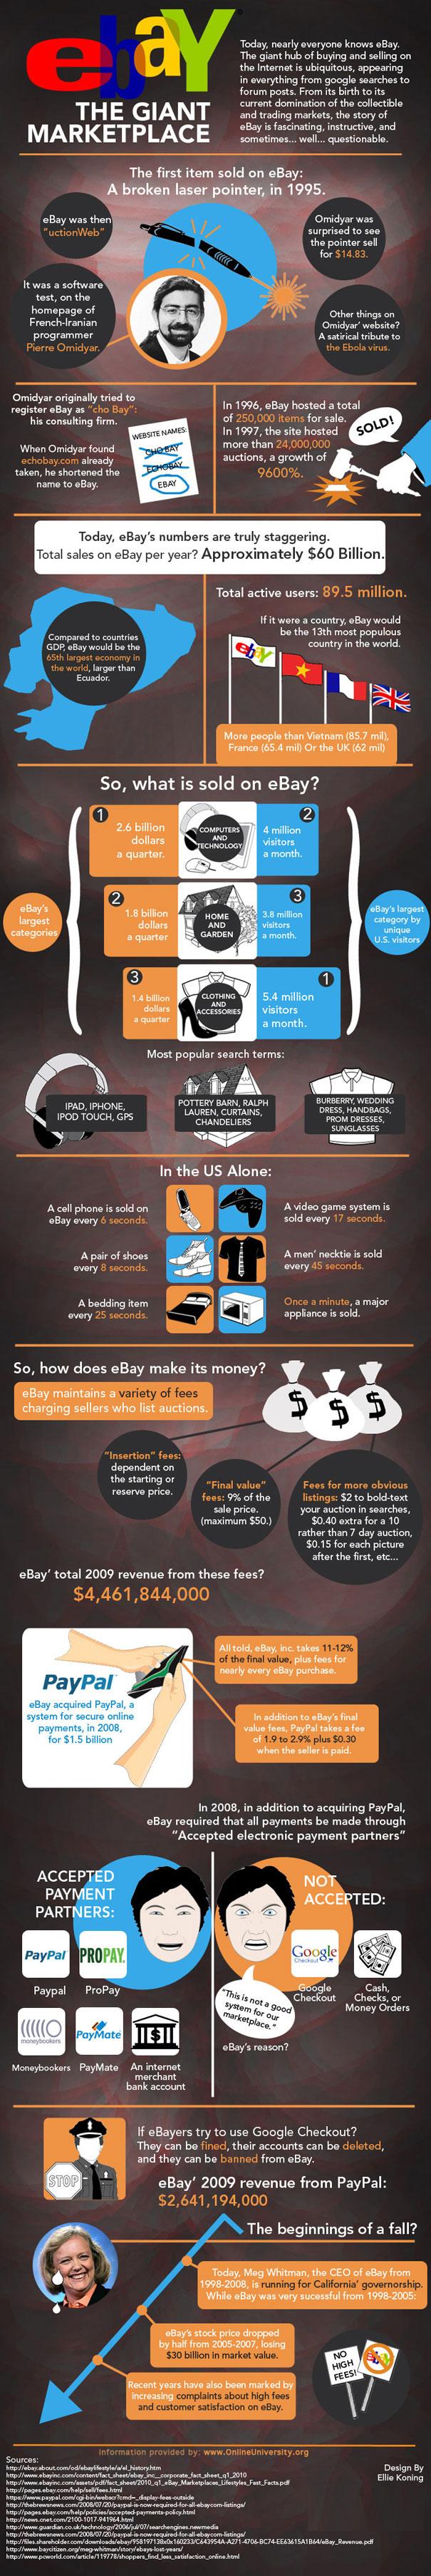 Infografica sulla storia di eBay